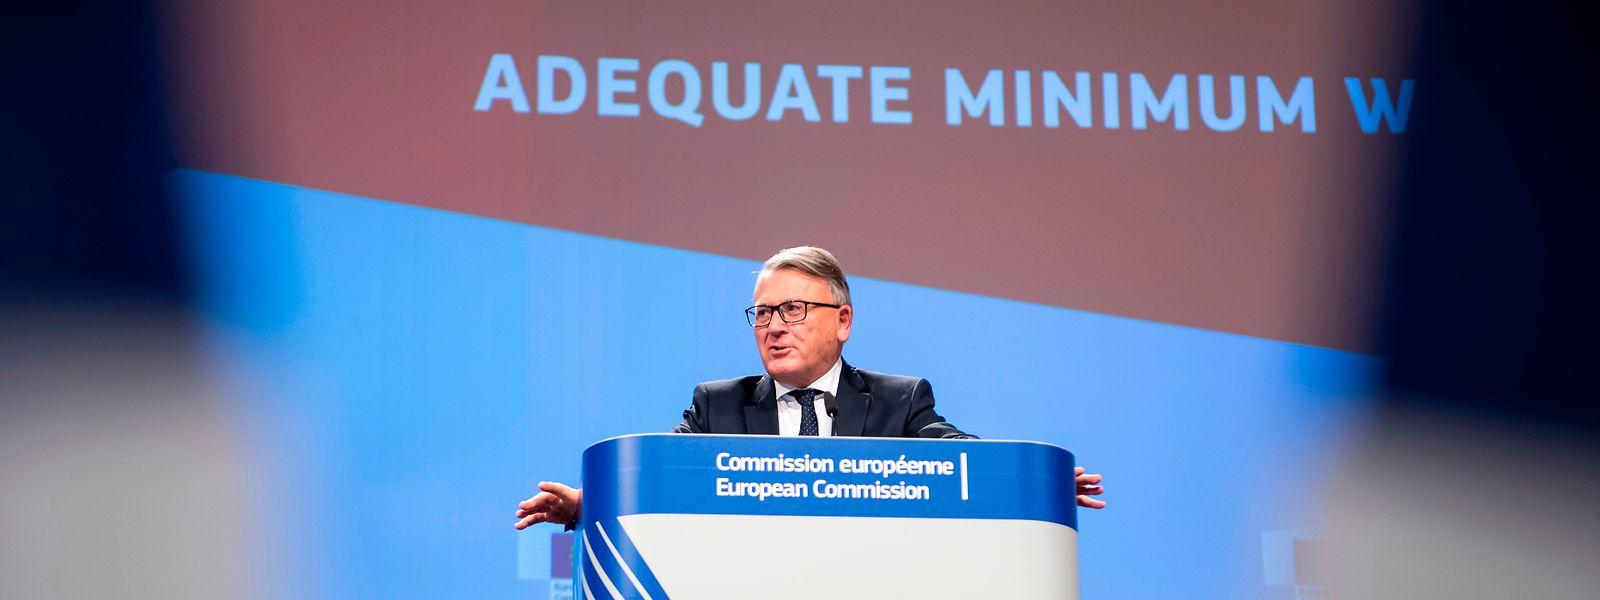 La proposition de directive sur les «salaires minimaux adéquats», présentée mercredi, doit désormais être débattue au Parlement européen et au Conseil. Une fois adopté, les Etats membres auront deux ans pour transposer le texte dans leur législation nationale.